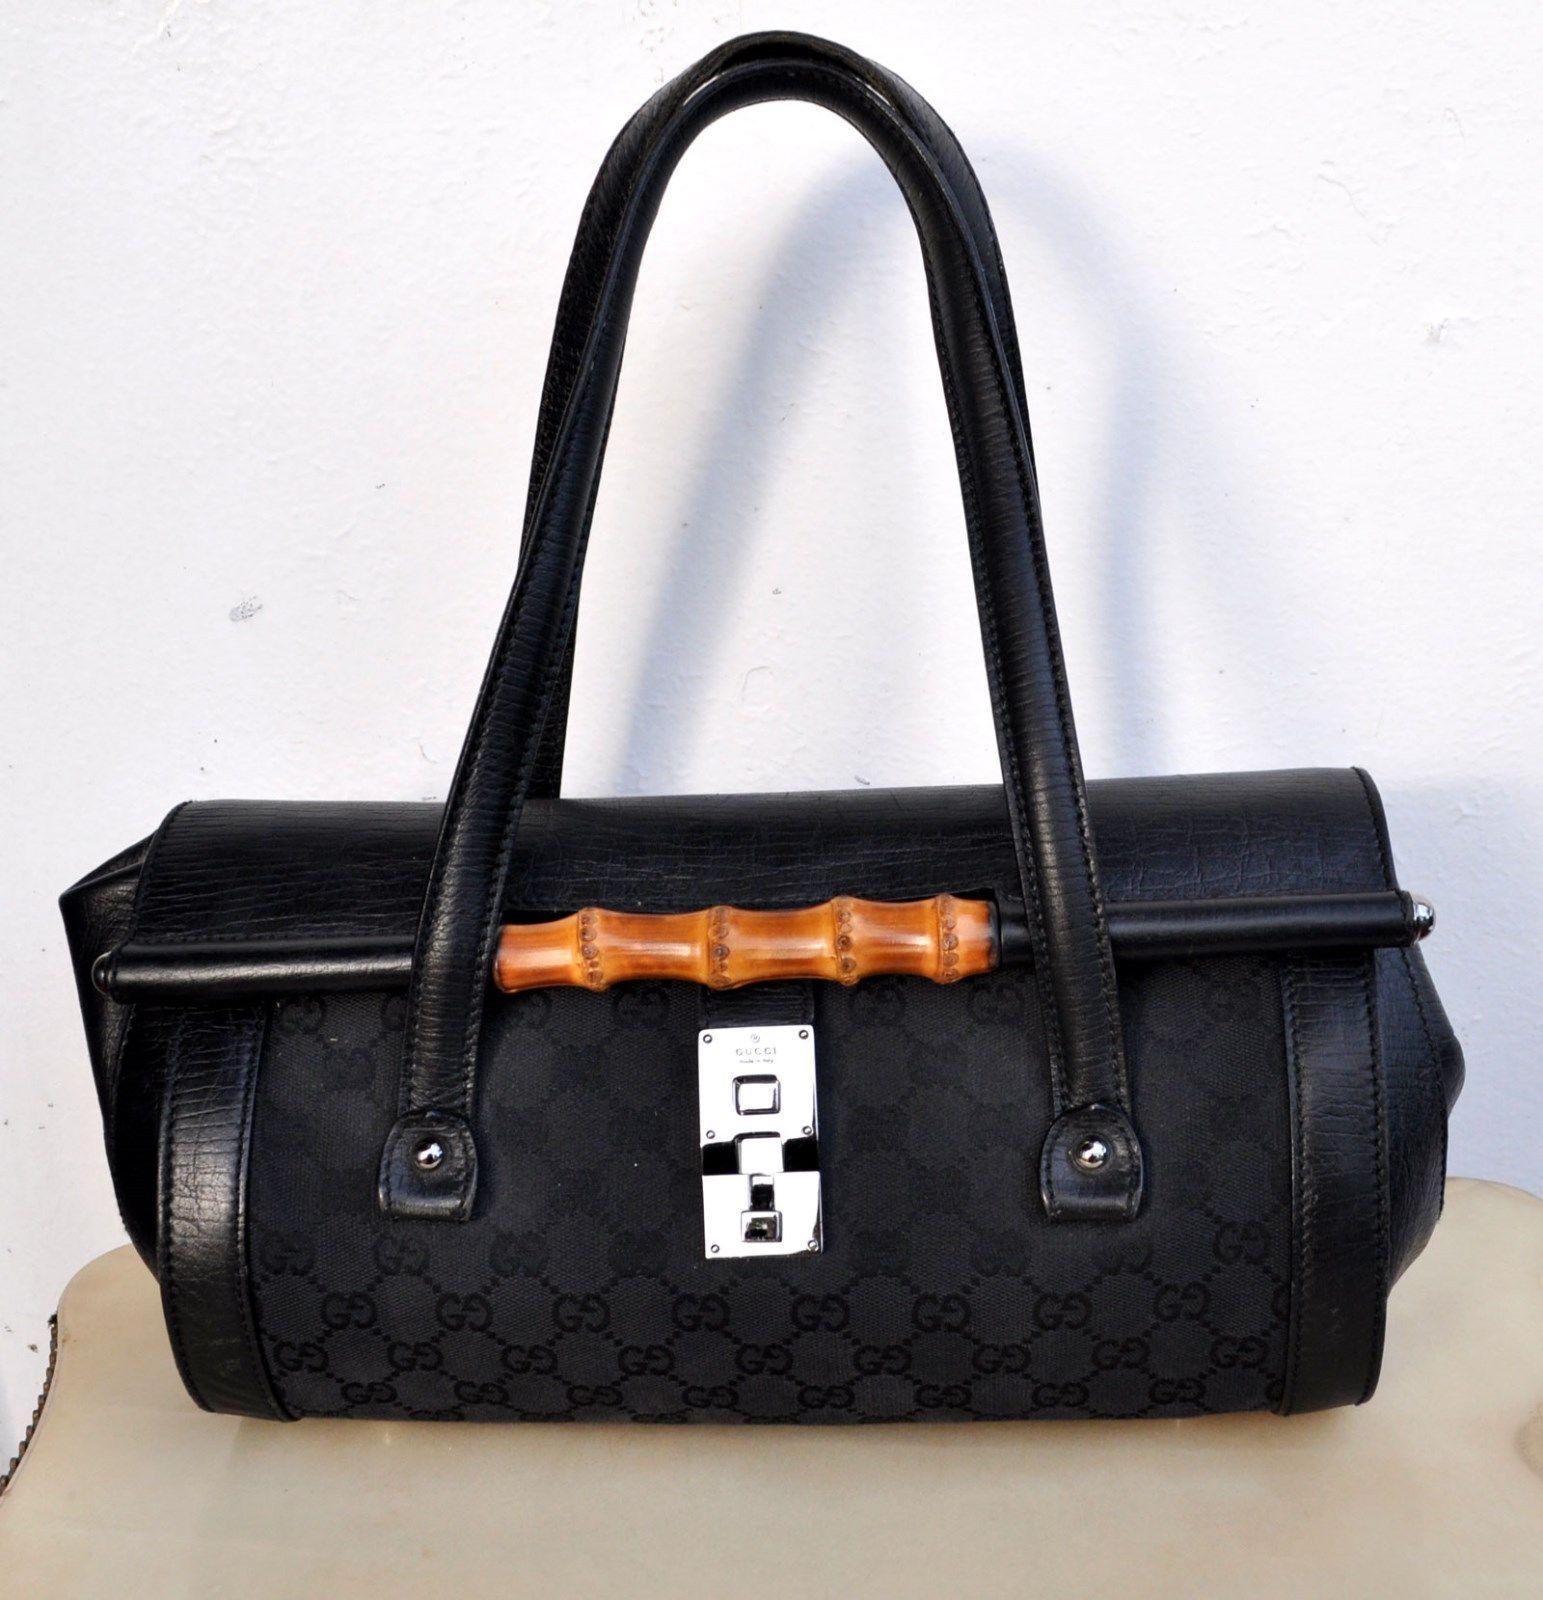 Bolsa Gucci 100% Original semi nueva   Bolsas de mano marca premium ... a217fe701f